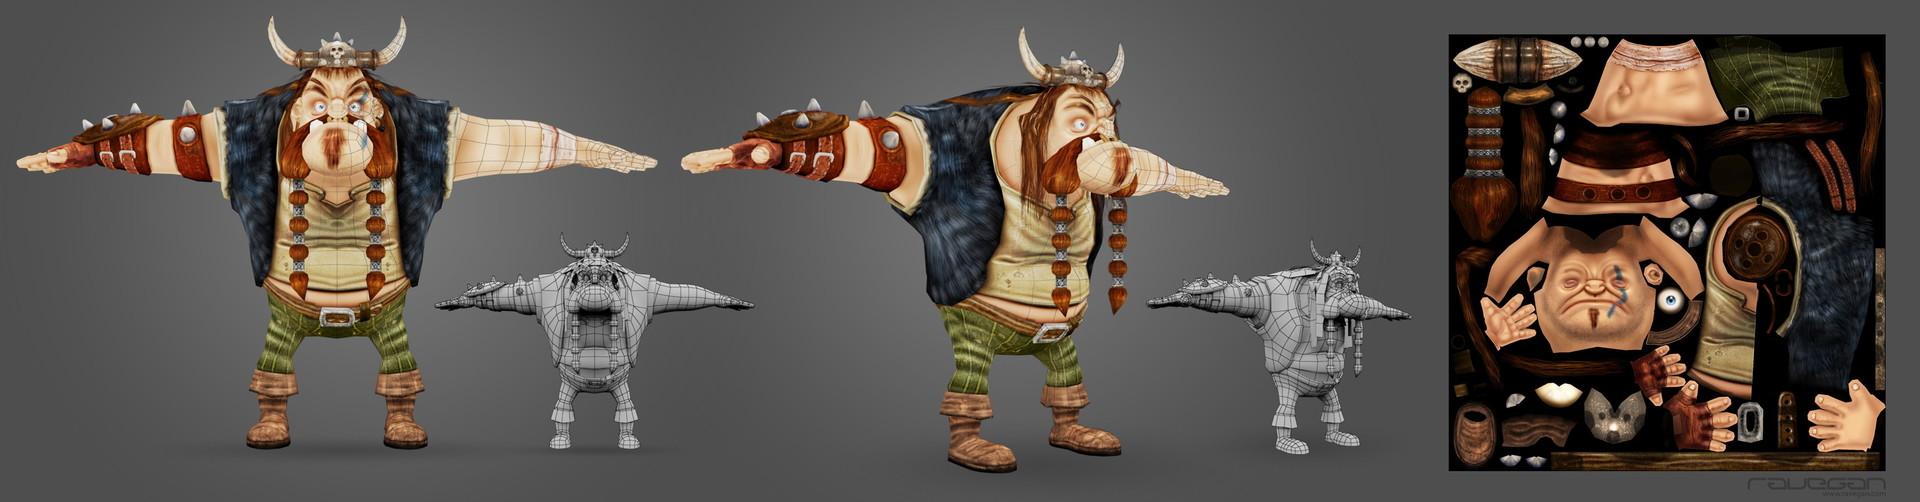 Ravegan games viking 08 viking lowpoly